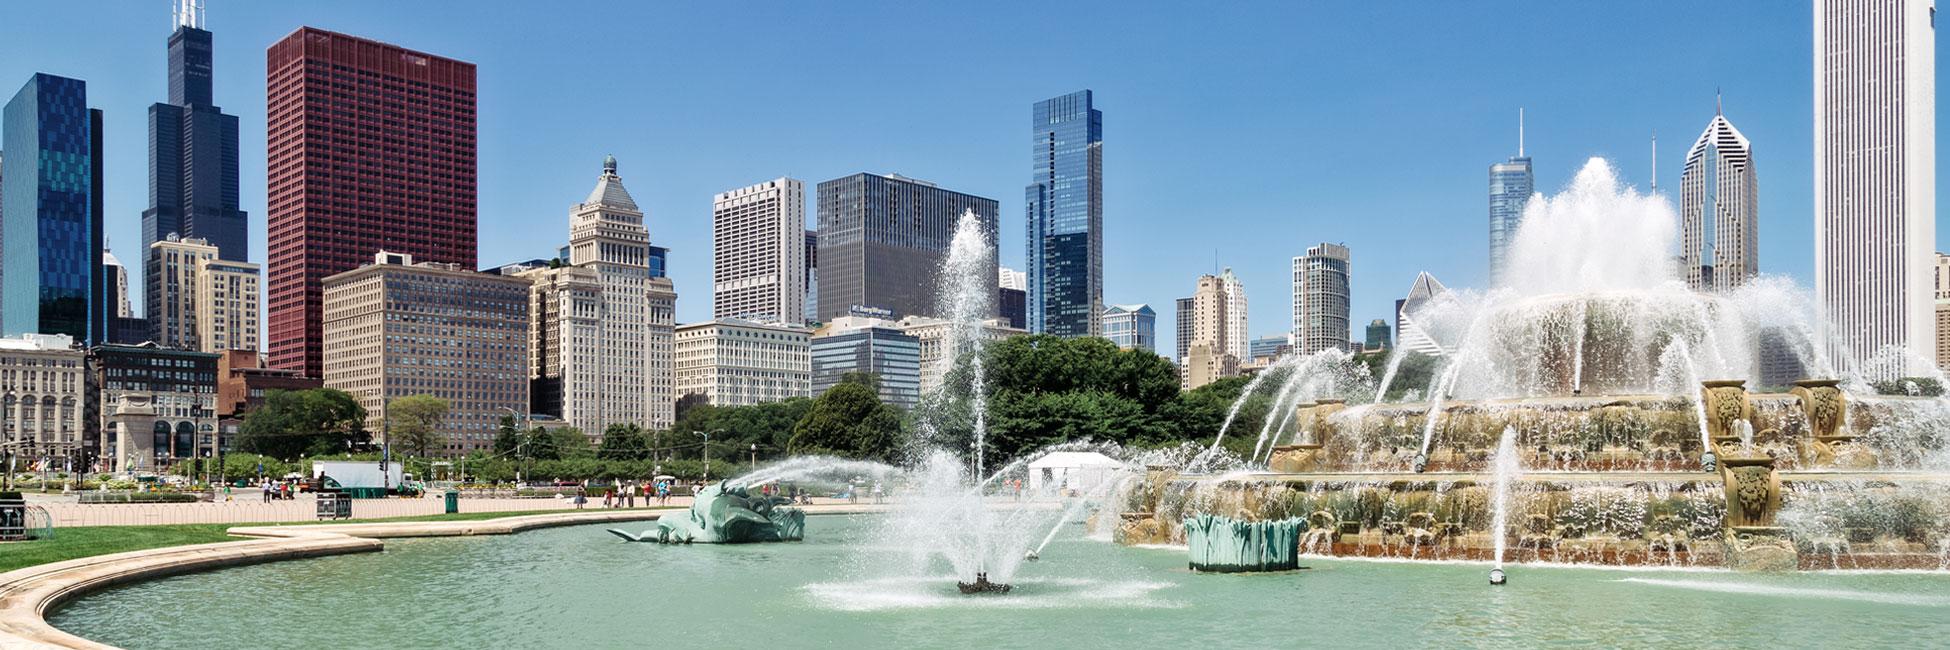 Chicago Office Bain Company